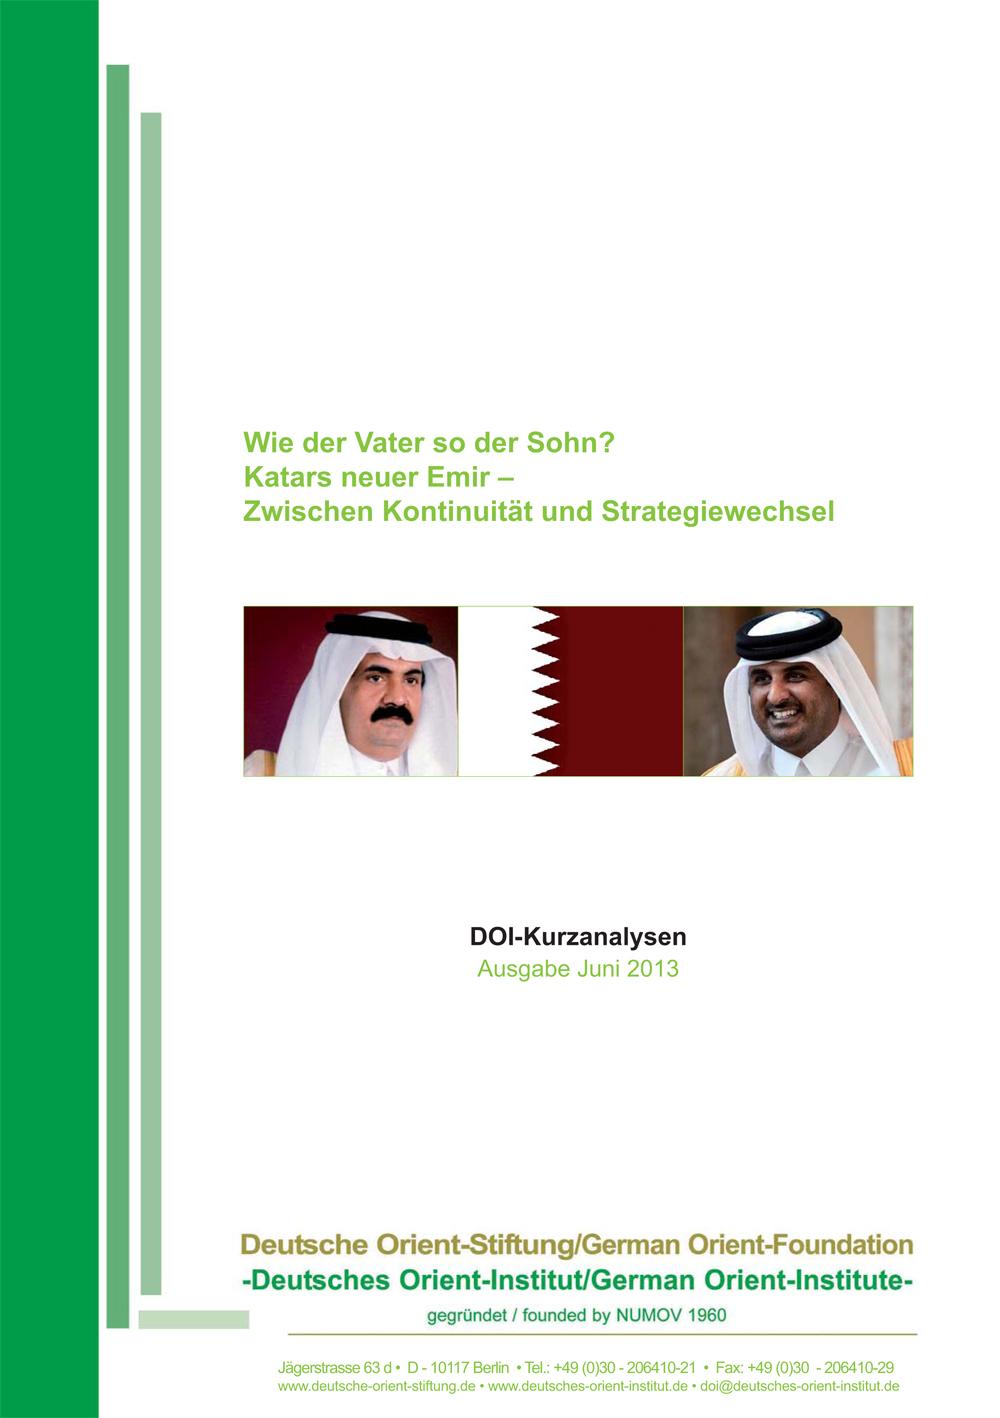 """Featured image for """"Wie der Vater so der Sohn? Katars neuer Emir – Zwischen Kontinuität und Strategiewechsel"""""""